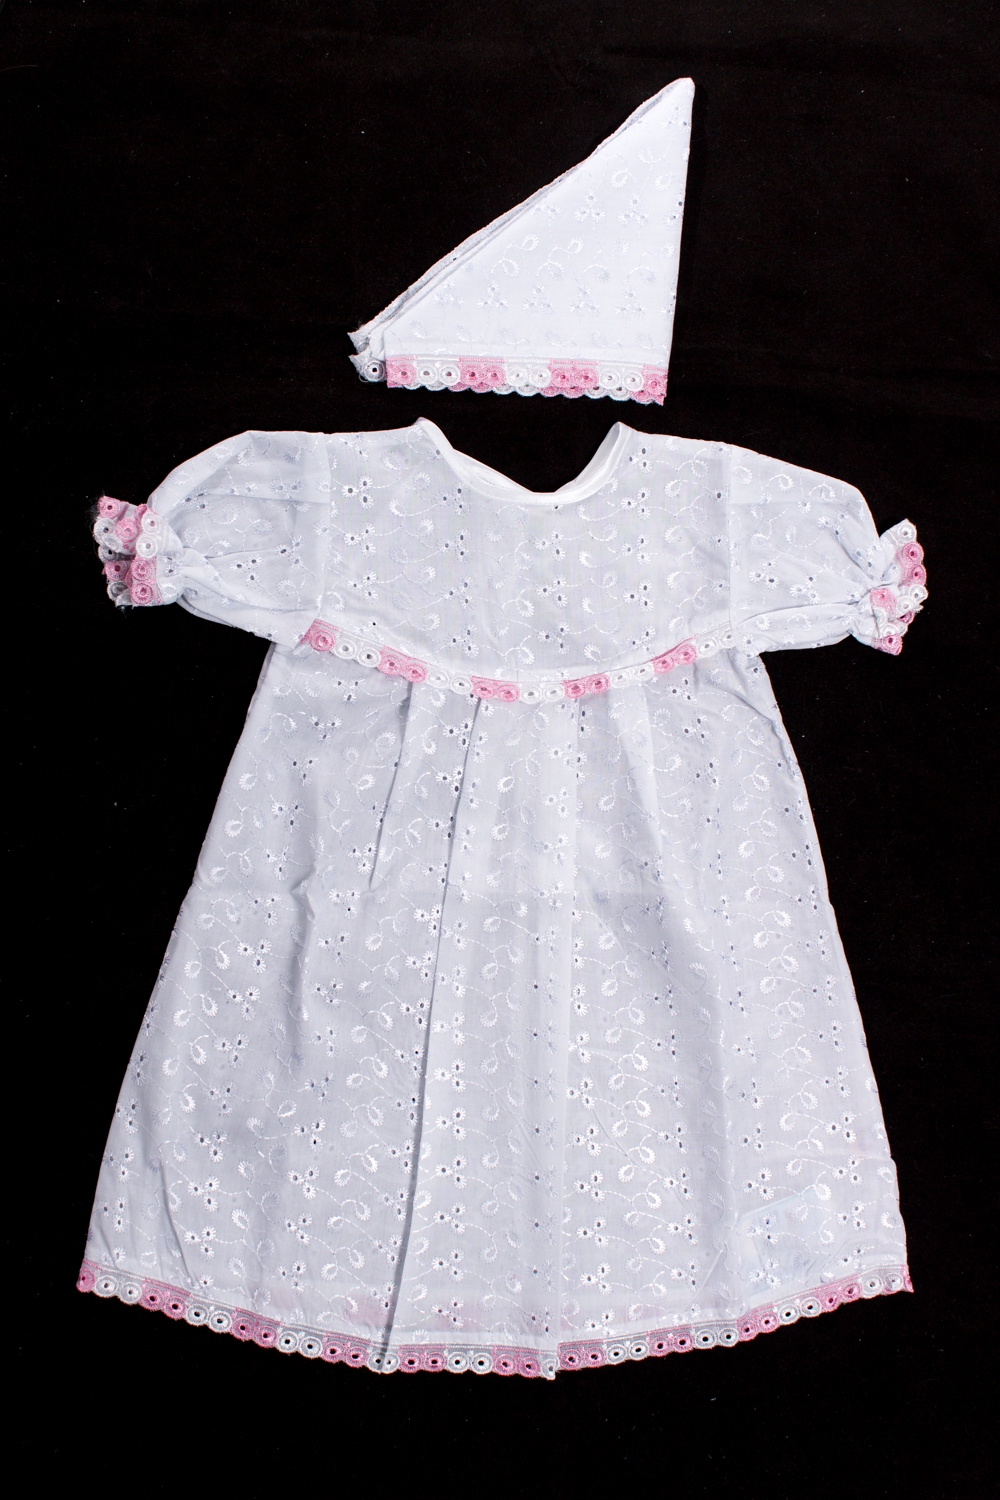 КомплектКомплекты<br>Крестильный комплект для девочки  Цвет: белый, розовый  Размер соответствует росту ребенка<br><br>По сезону: Всесезон<br>Размер : 62<br>Материал: Хлопок<br>Количество в наличии: 1